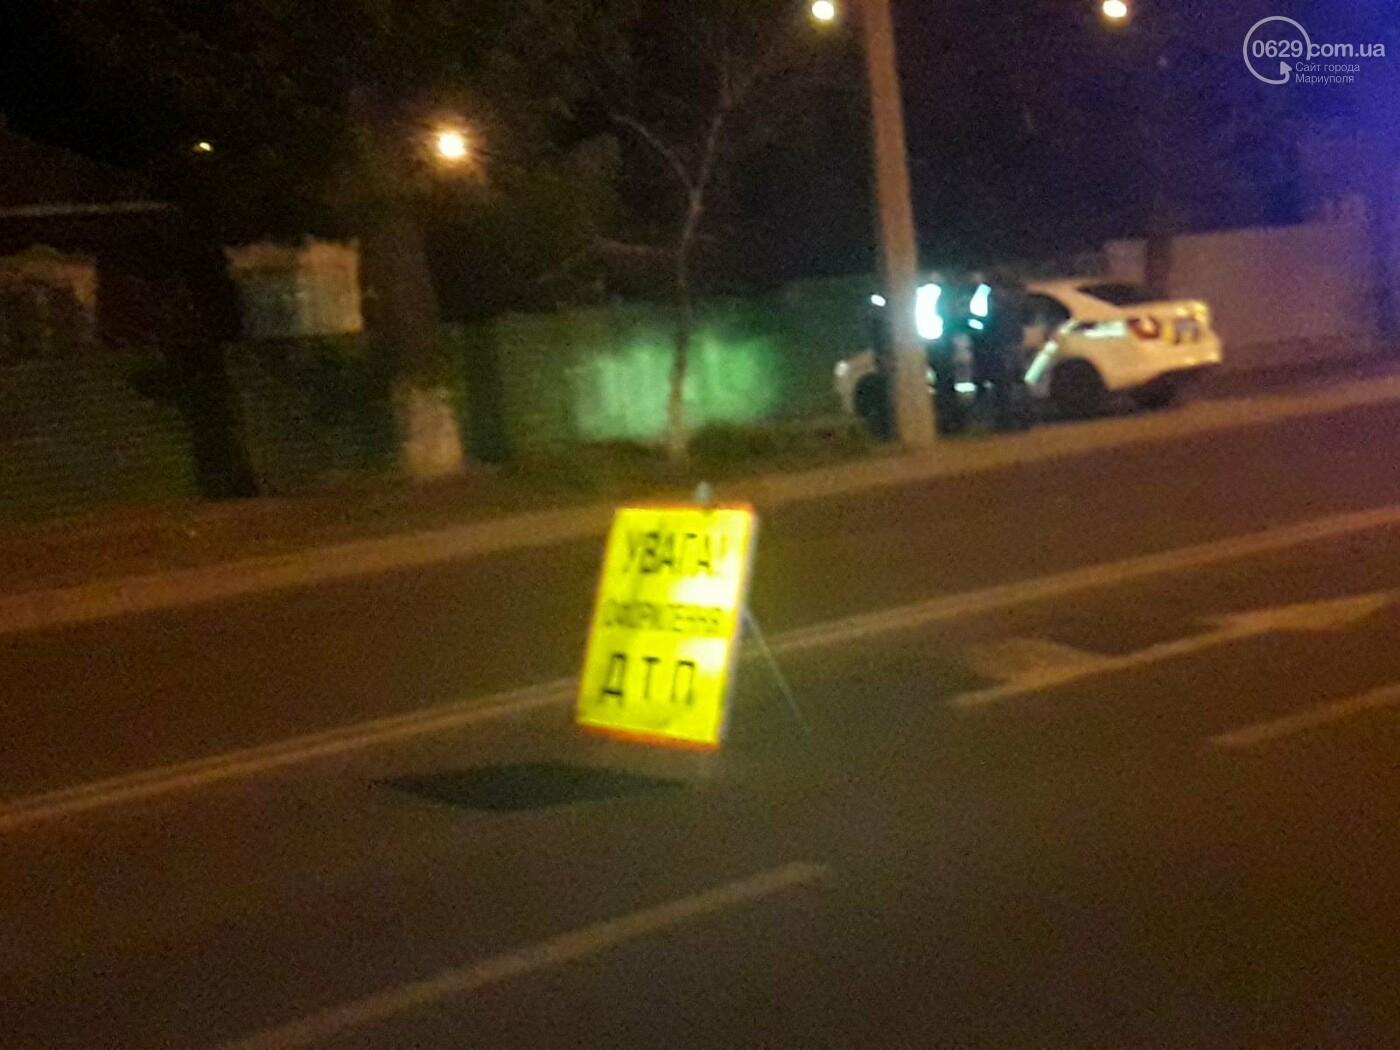 Тройное ДТП в Мариуполе. Есть пострадавший, - ФОТО, фото-7